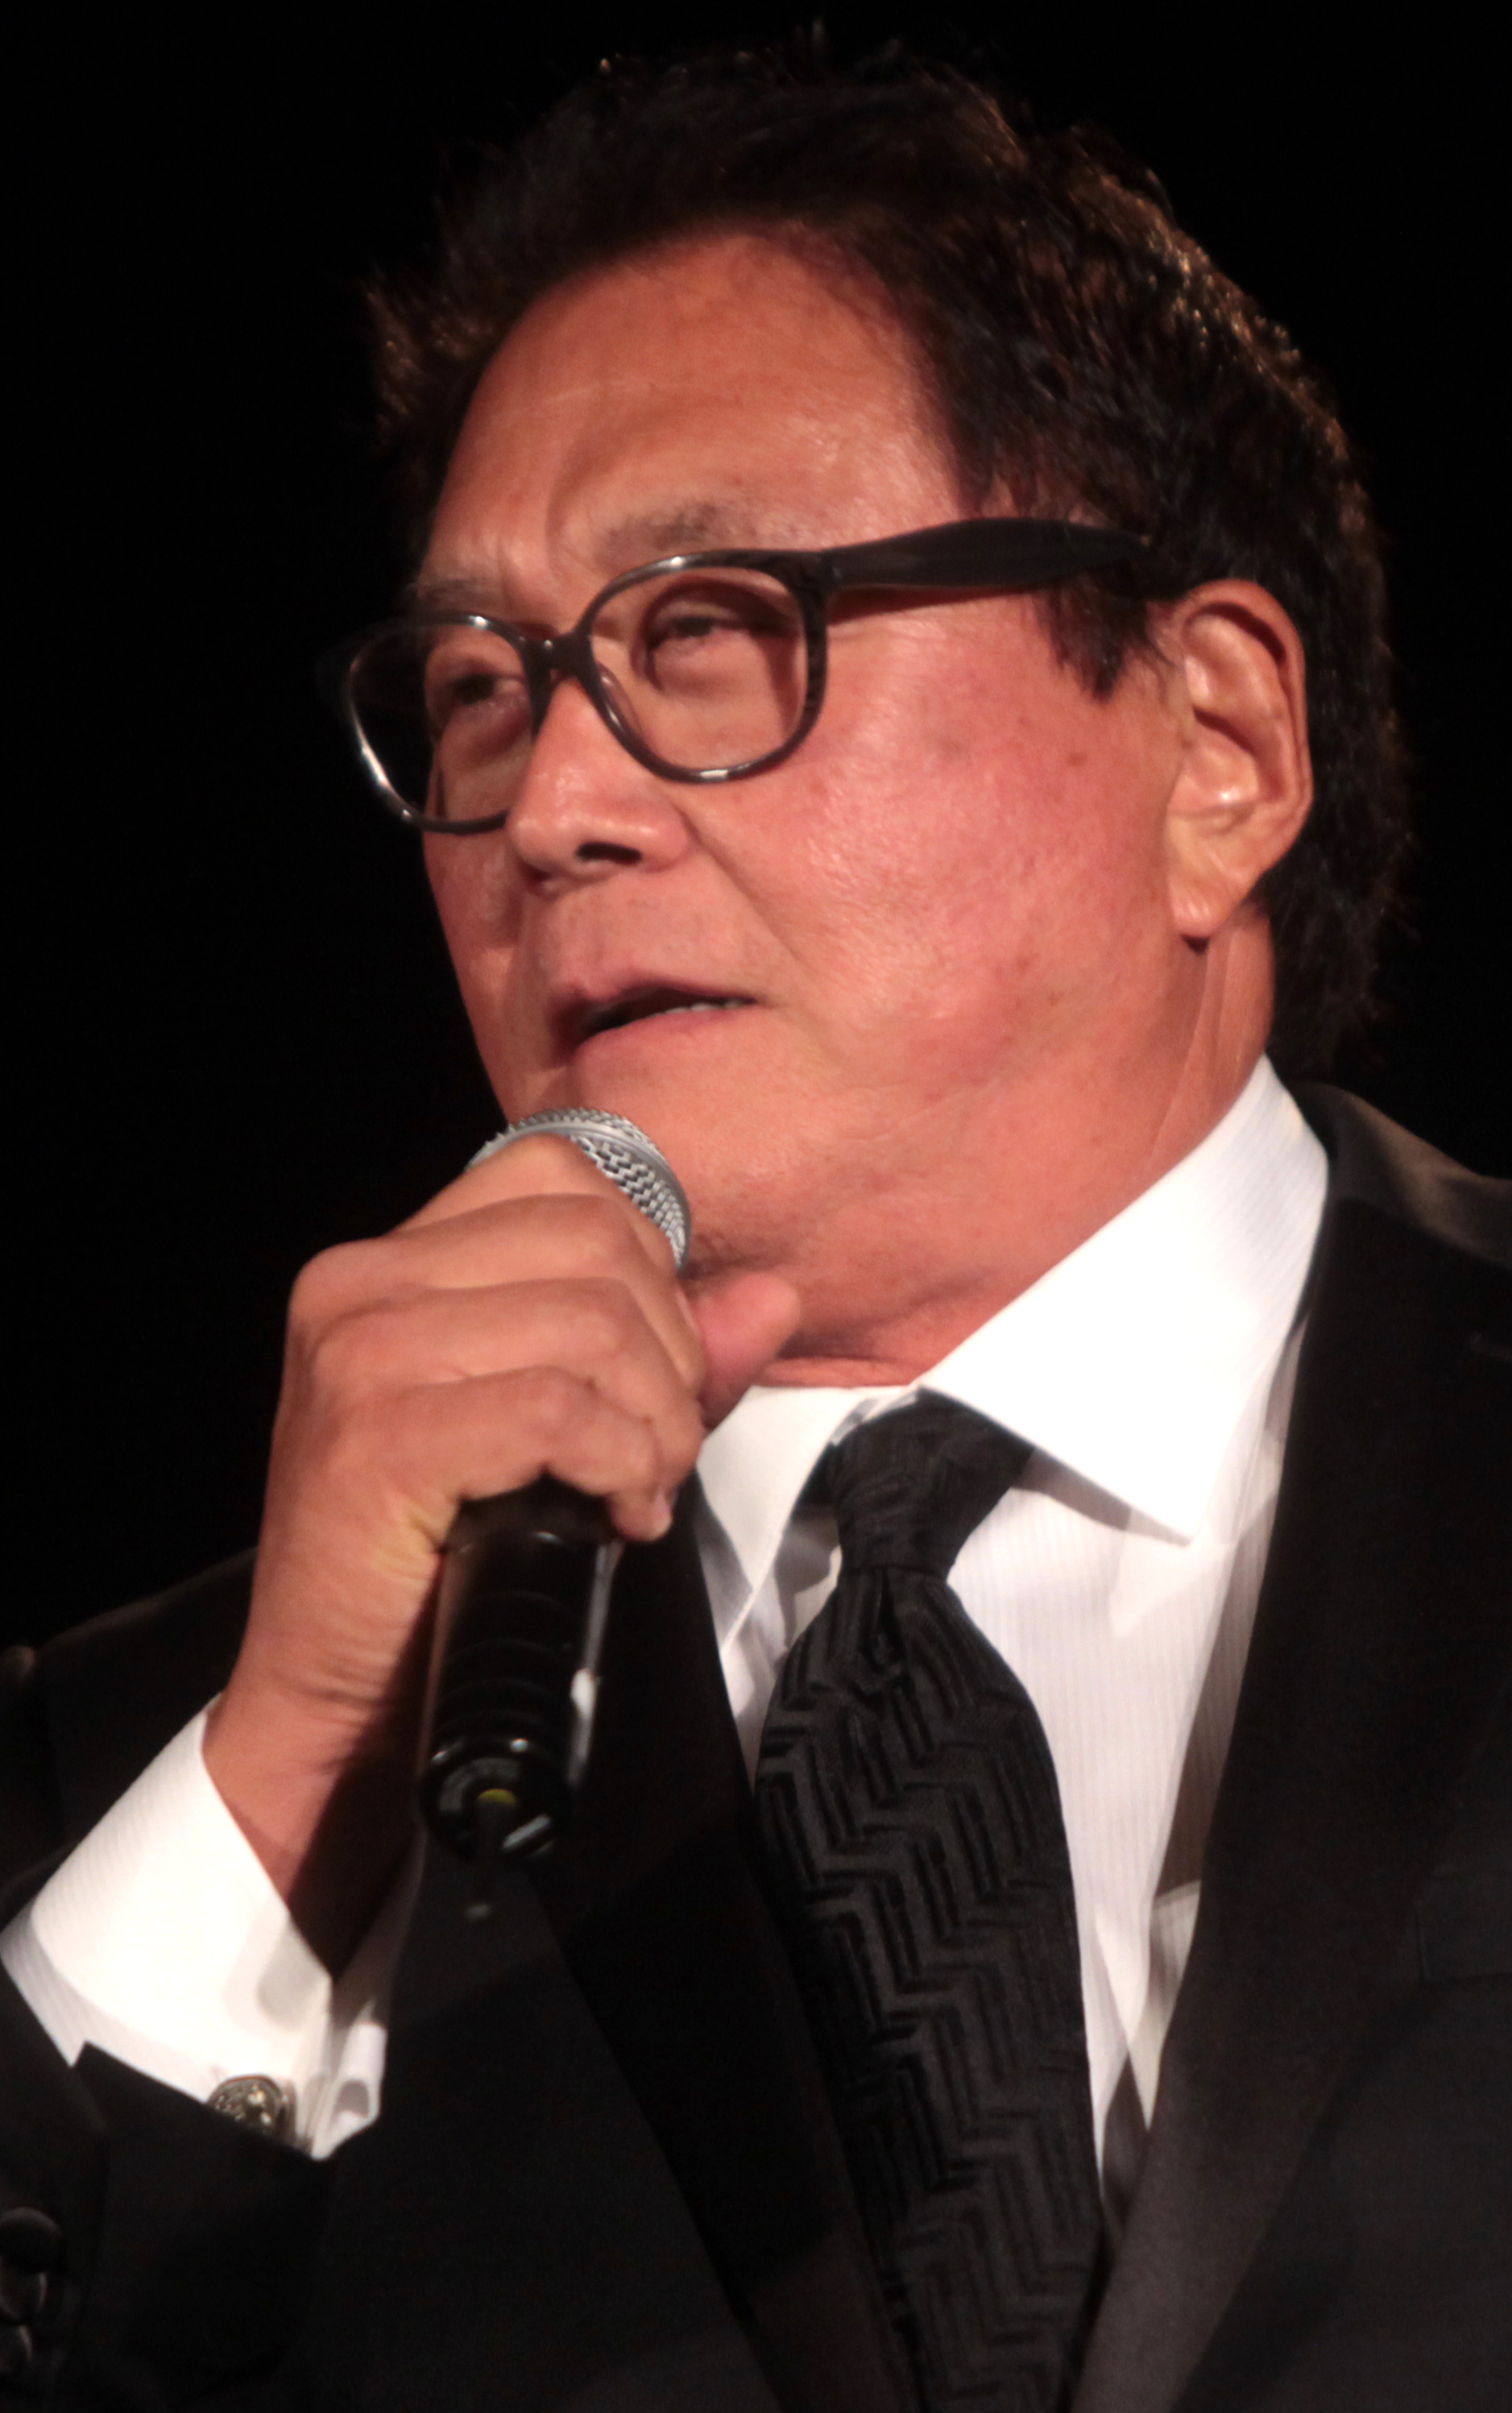 Poet Robert Kiyosaki